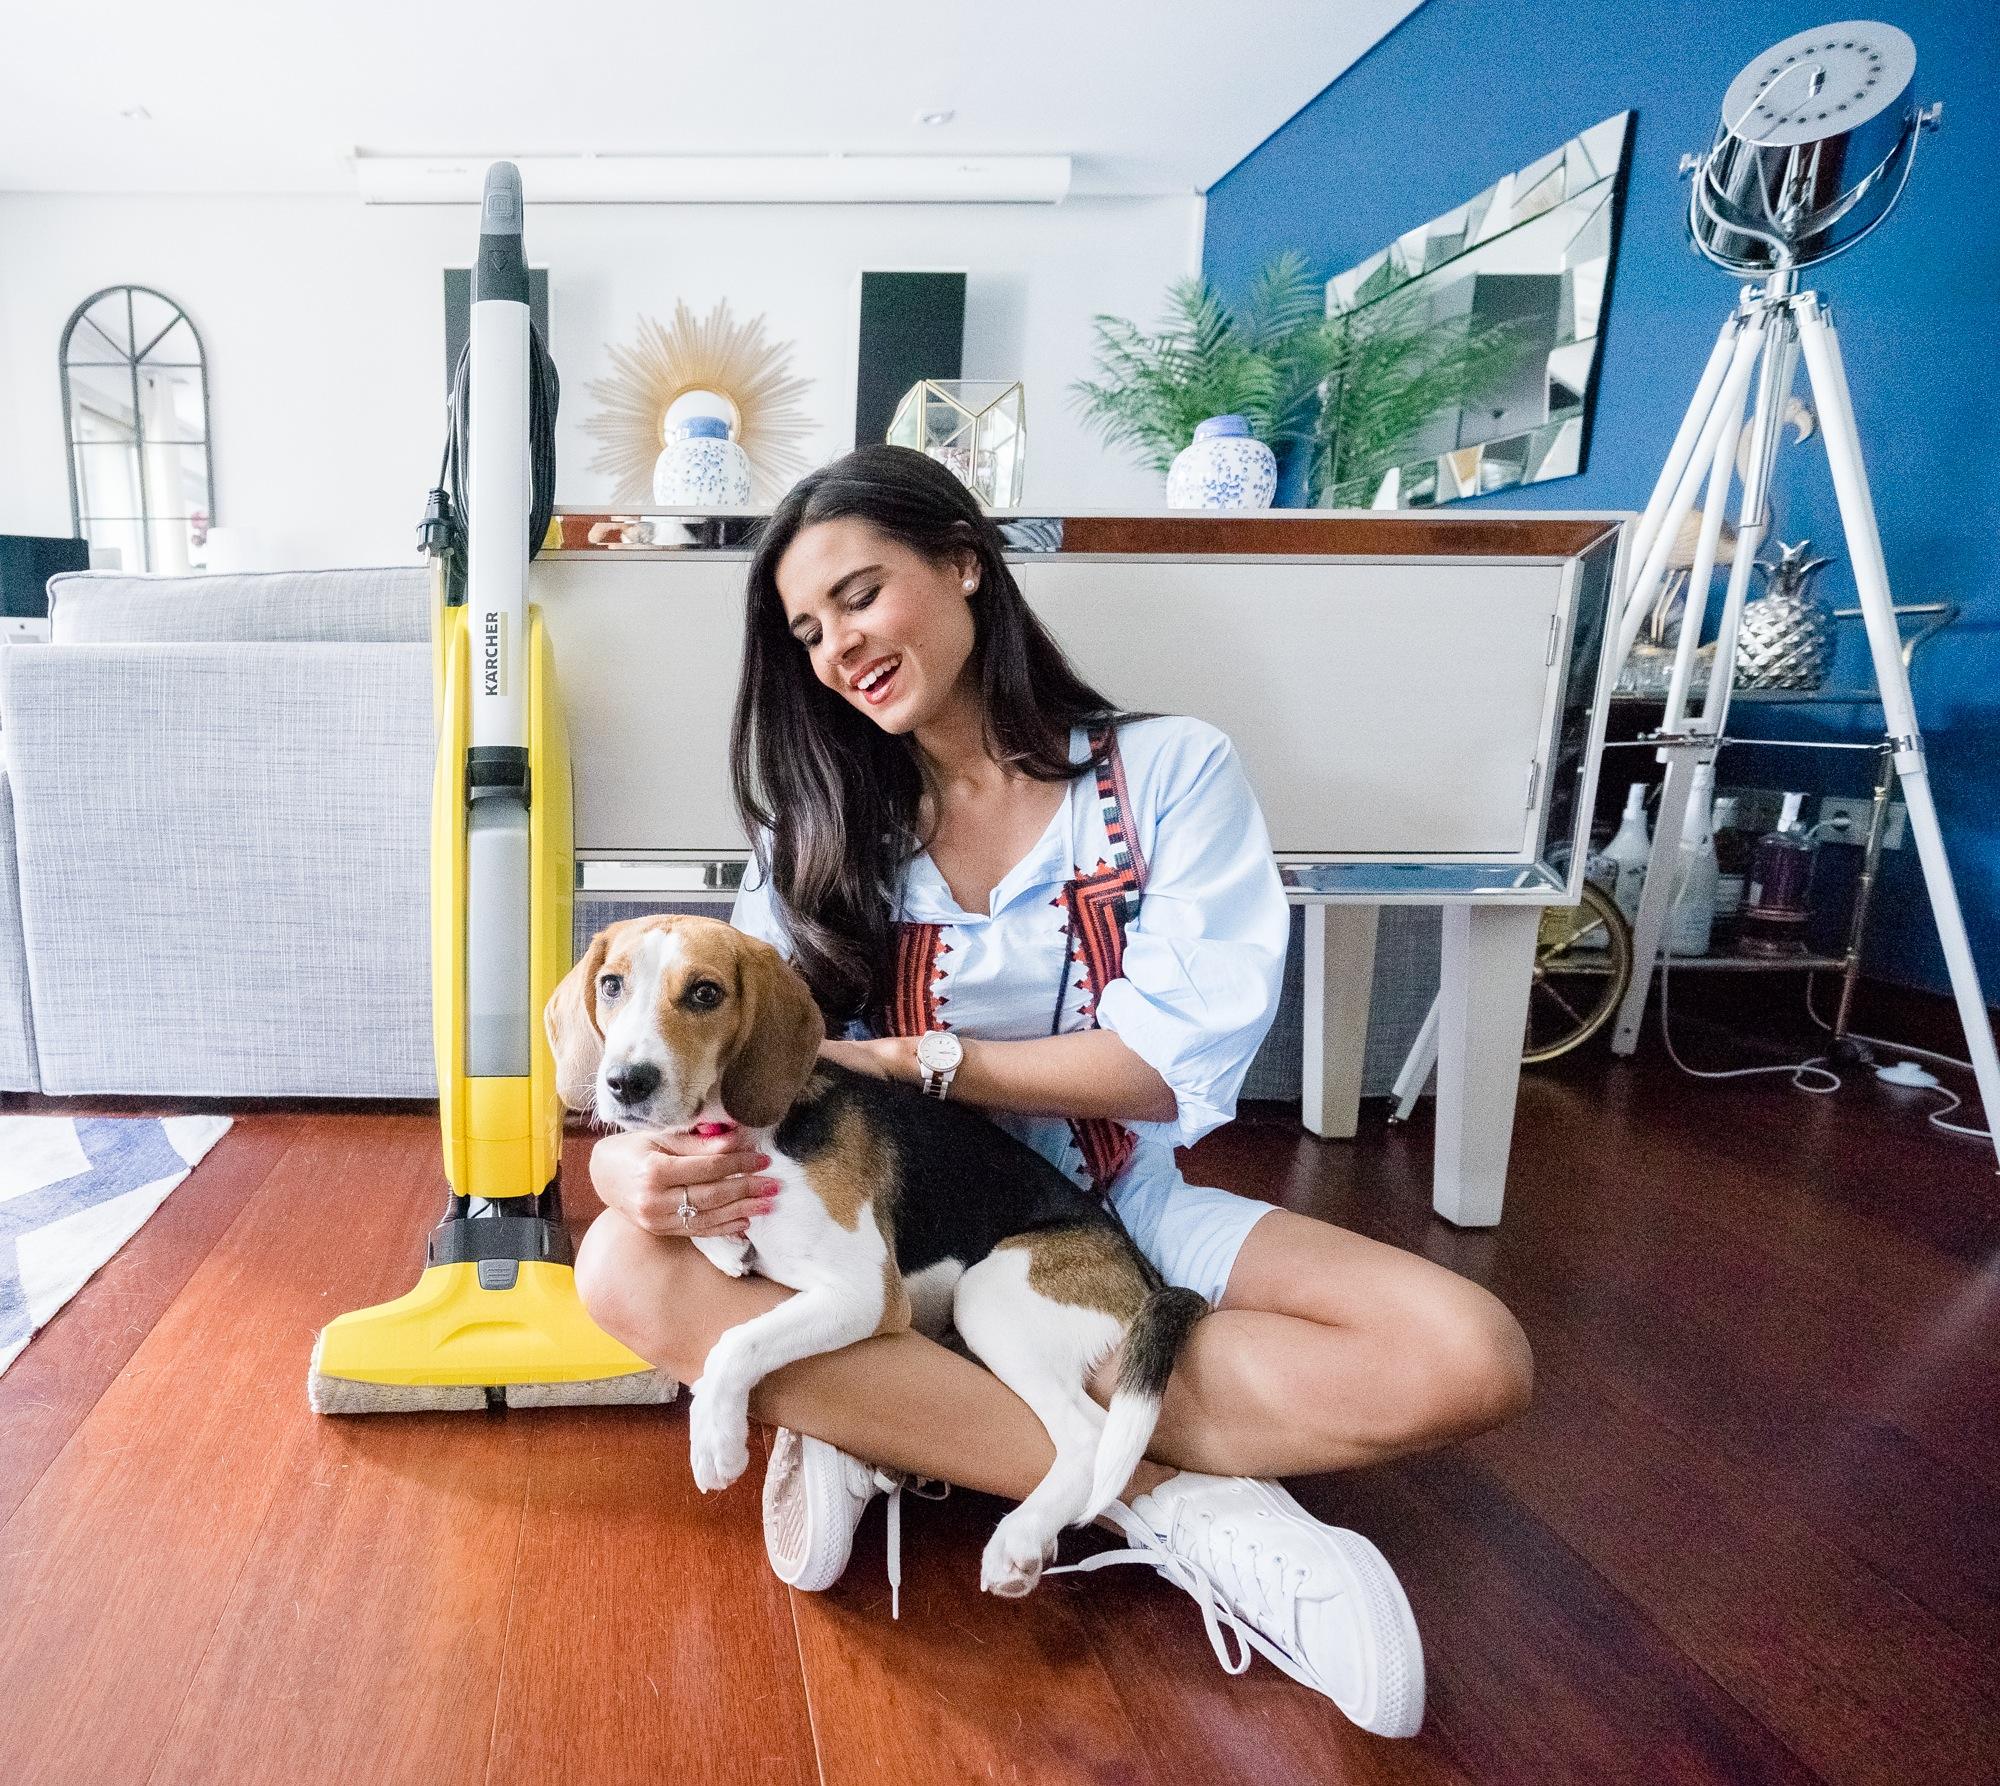 Vídeo Reto limpieza en casa con Ramón y Juliet-23101-crimenesdelamoda